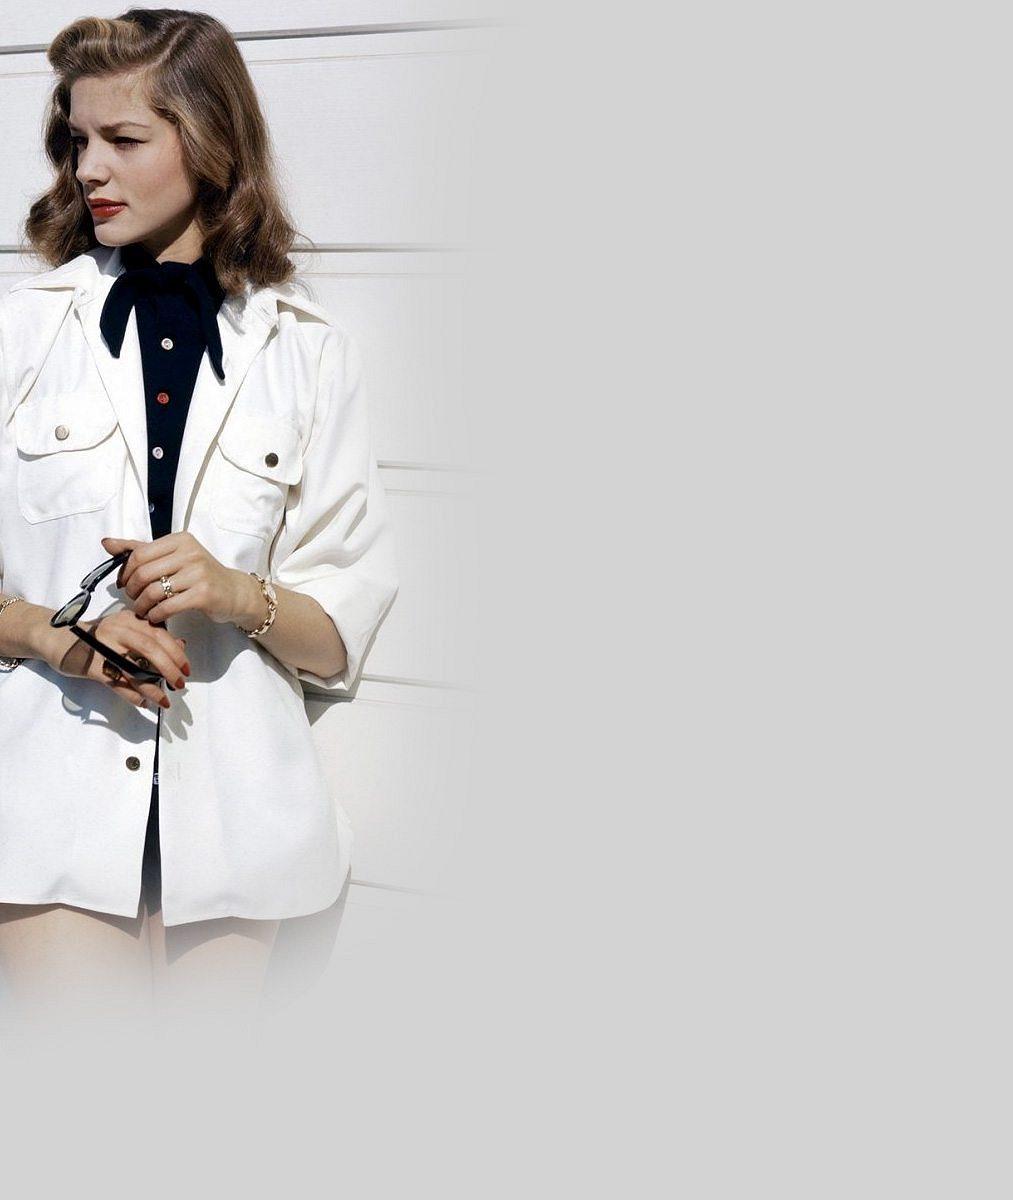 Tohle nebyla tuctová krása: Připomeňte si, jak začínala Lauren Bacall, která včera podlehla mrtvici